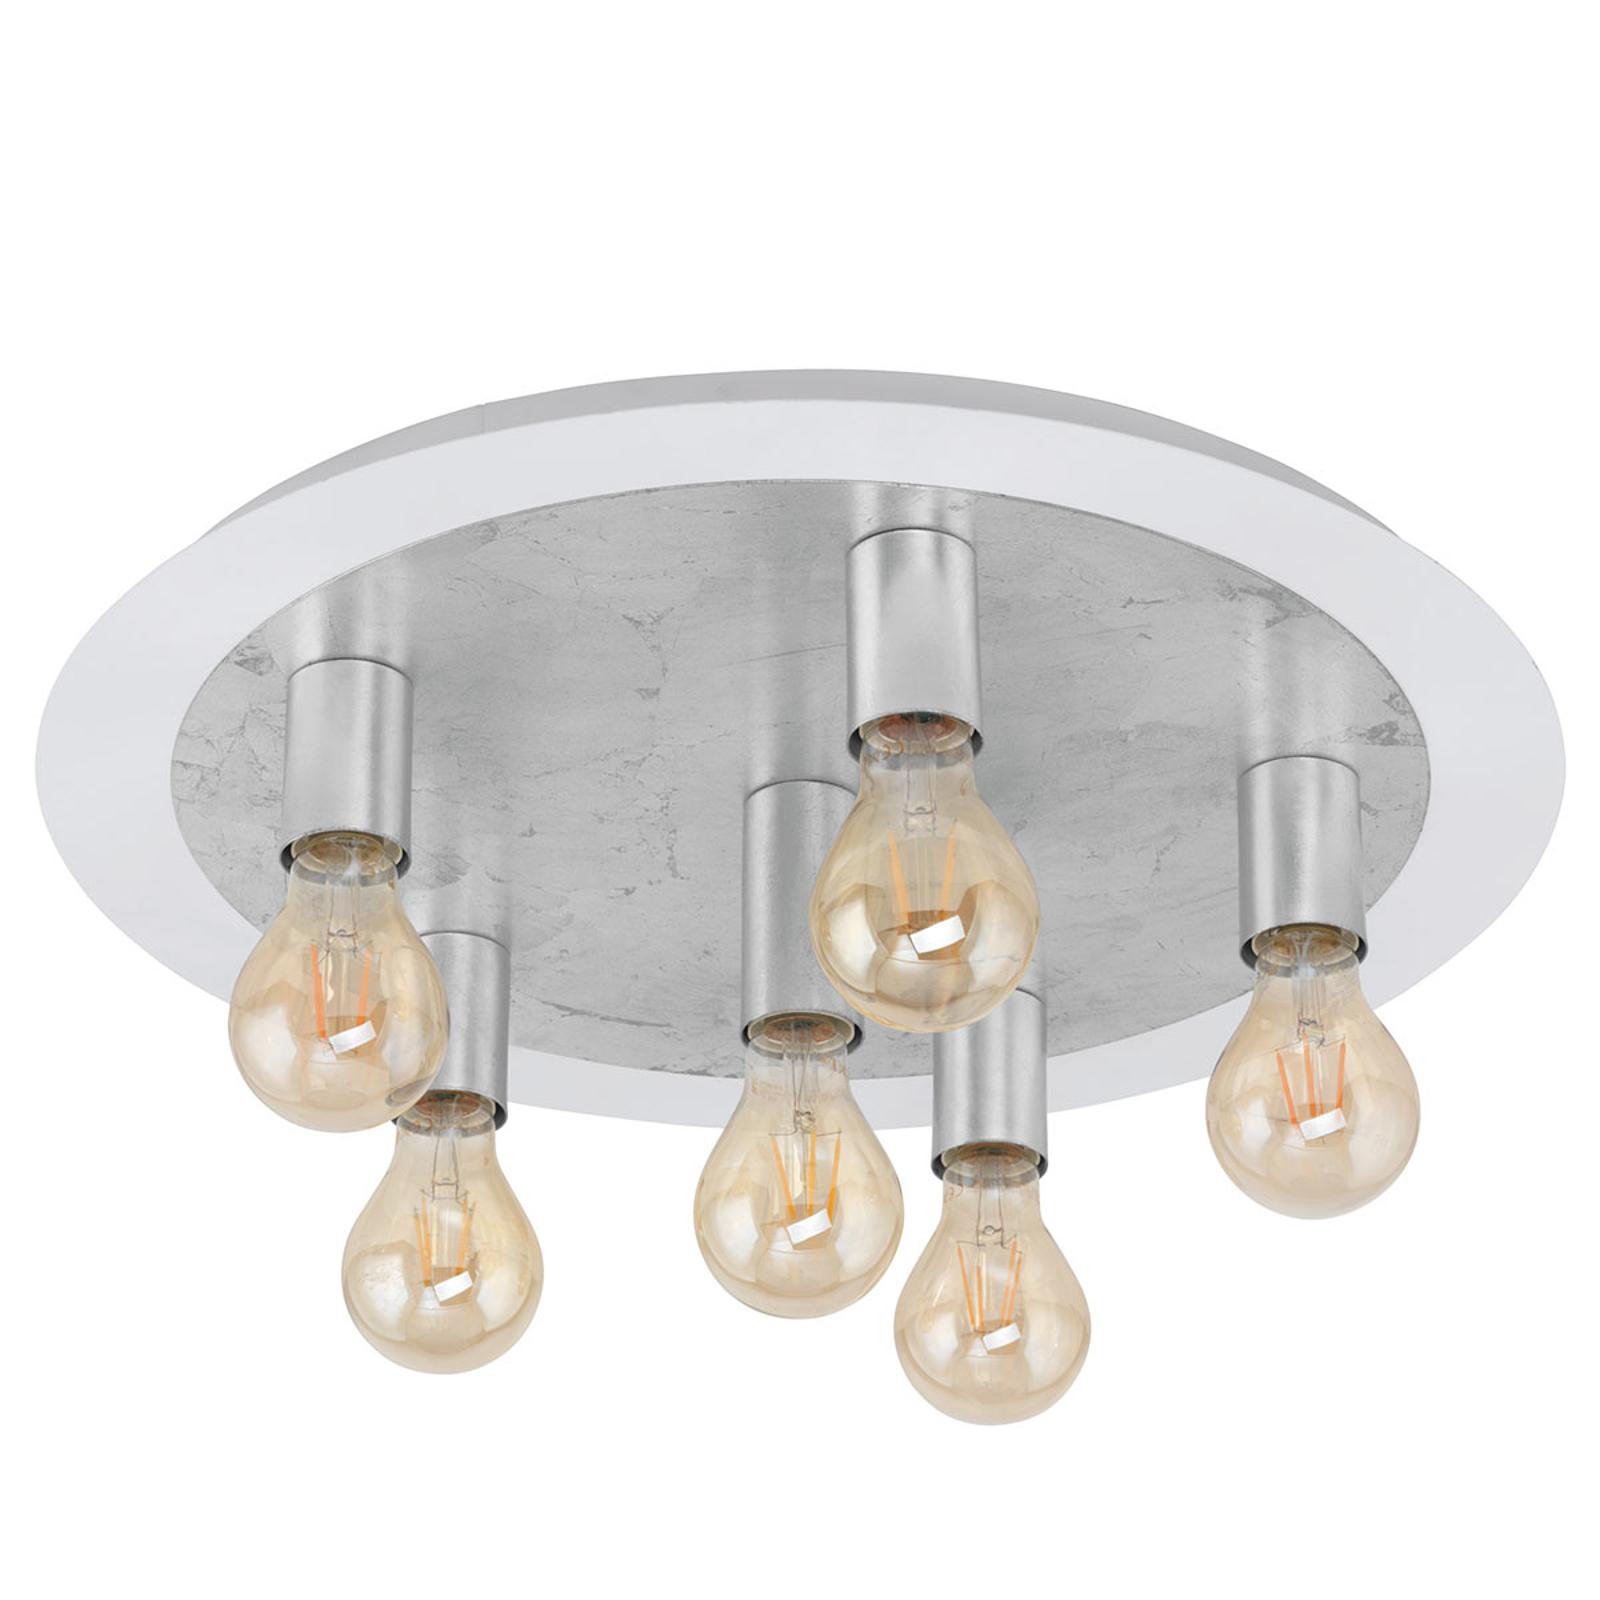 LED-taklampe Passano 6 lyskilder sølv